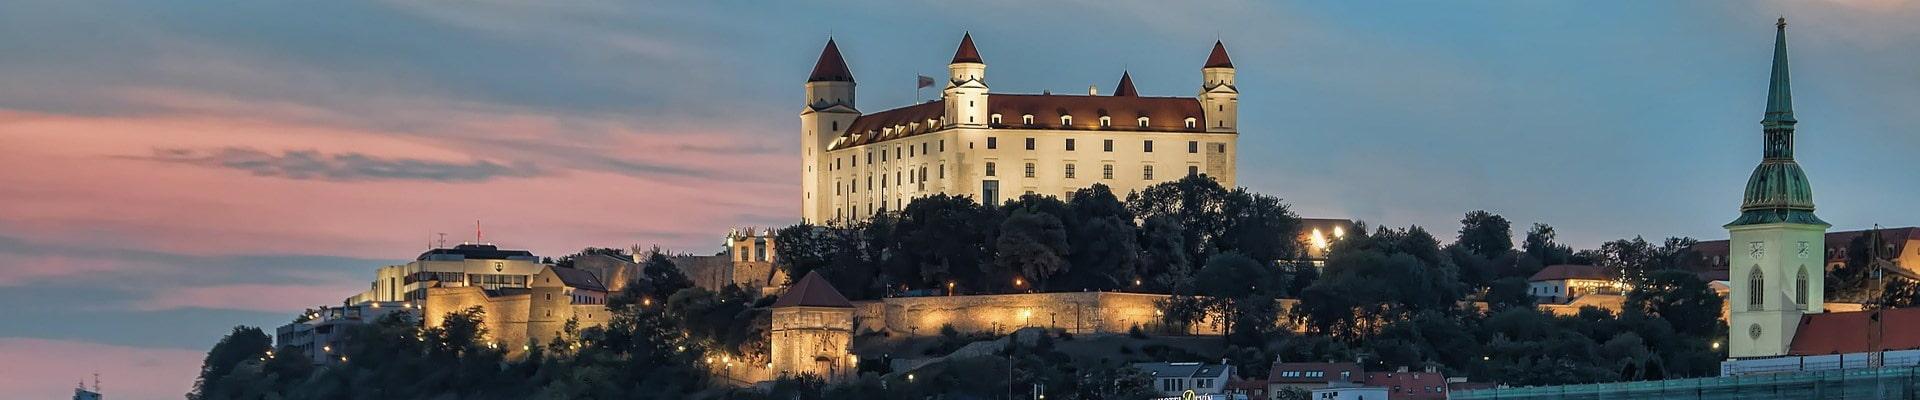 Словакия братислава